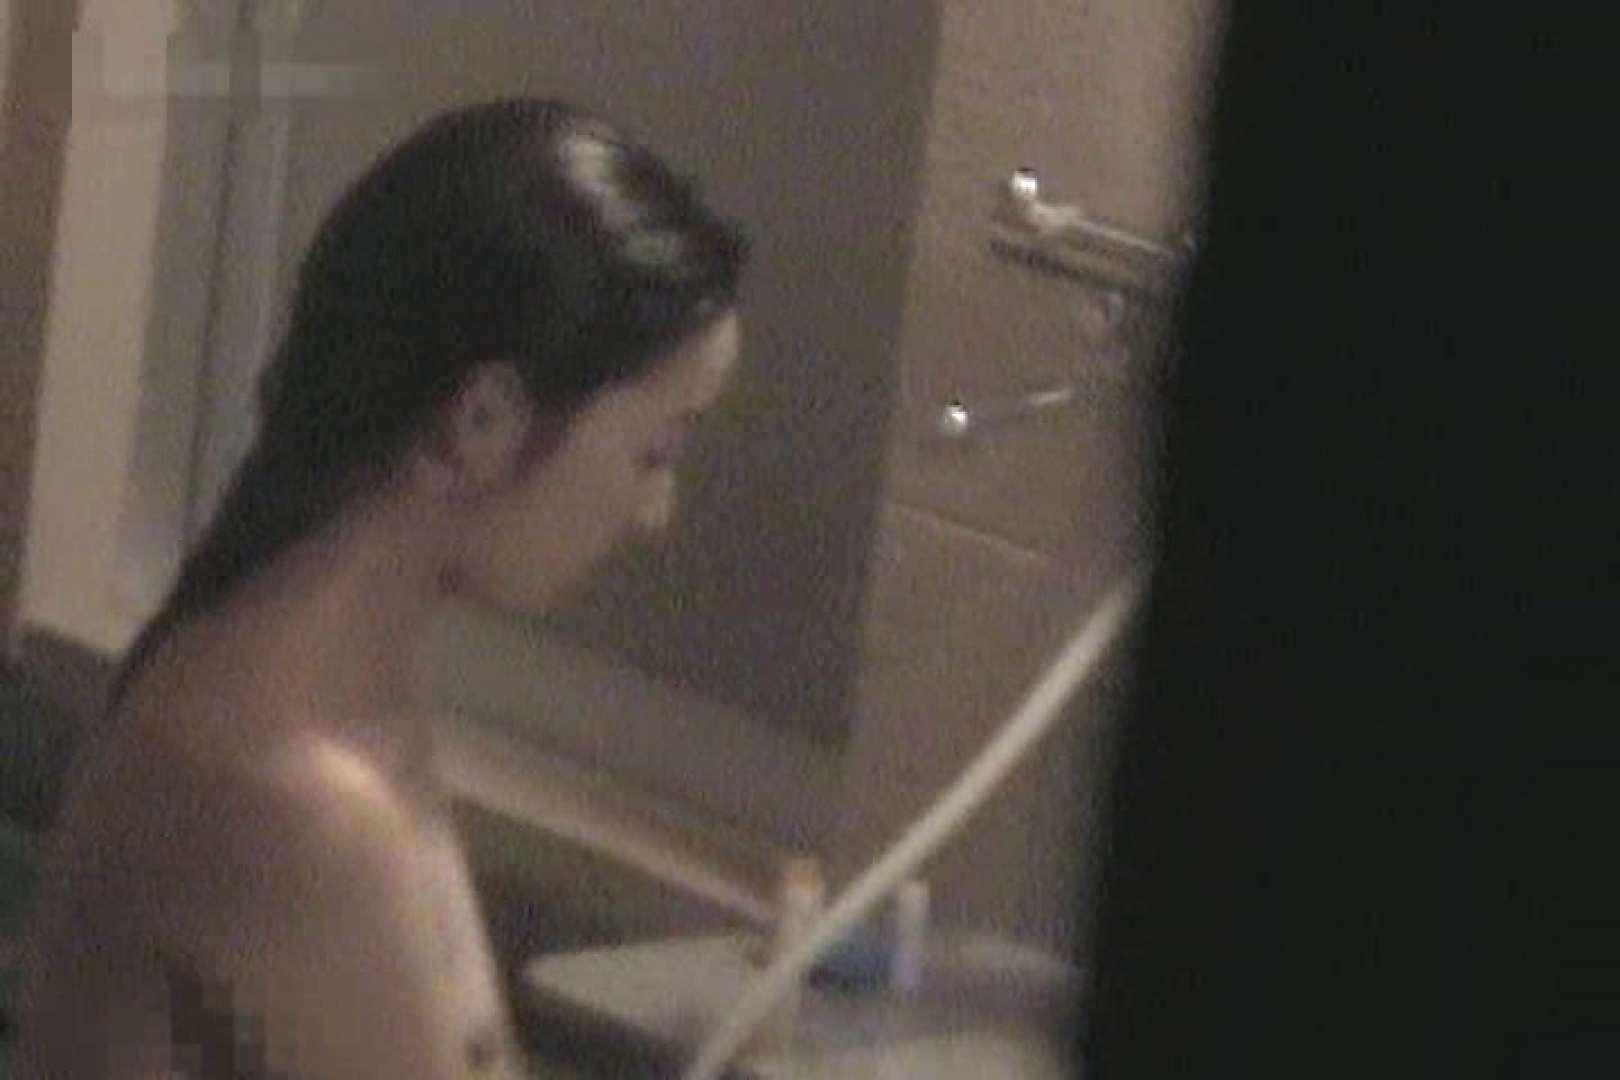 激撮ストーカー記録あなたのお宅拝見しますVol.6 オナニー オマンコ無修正動画無料 85pic 43